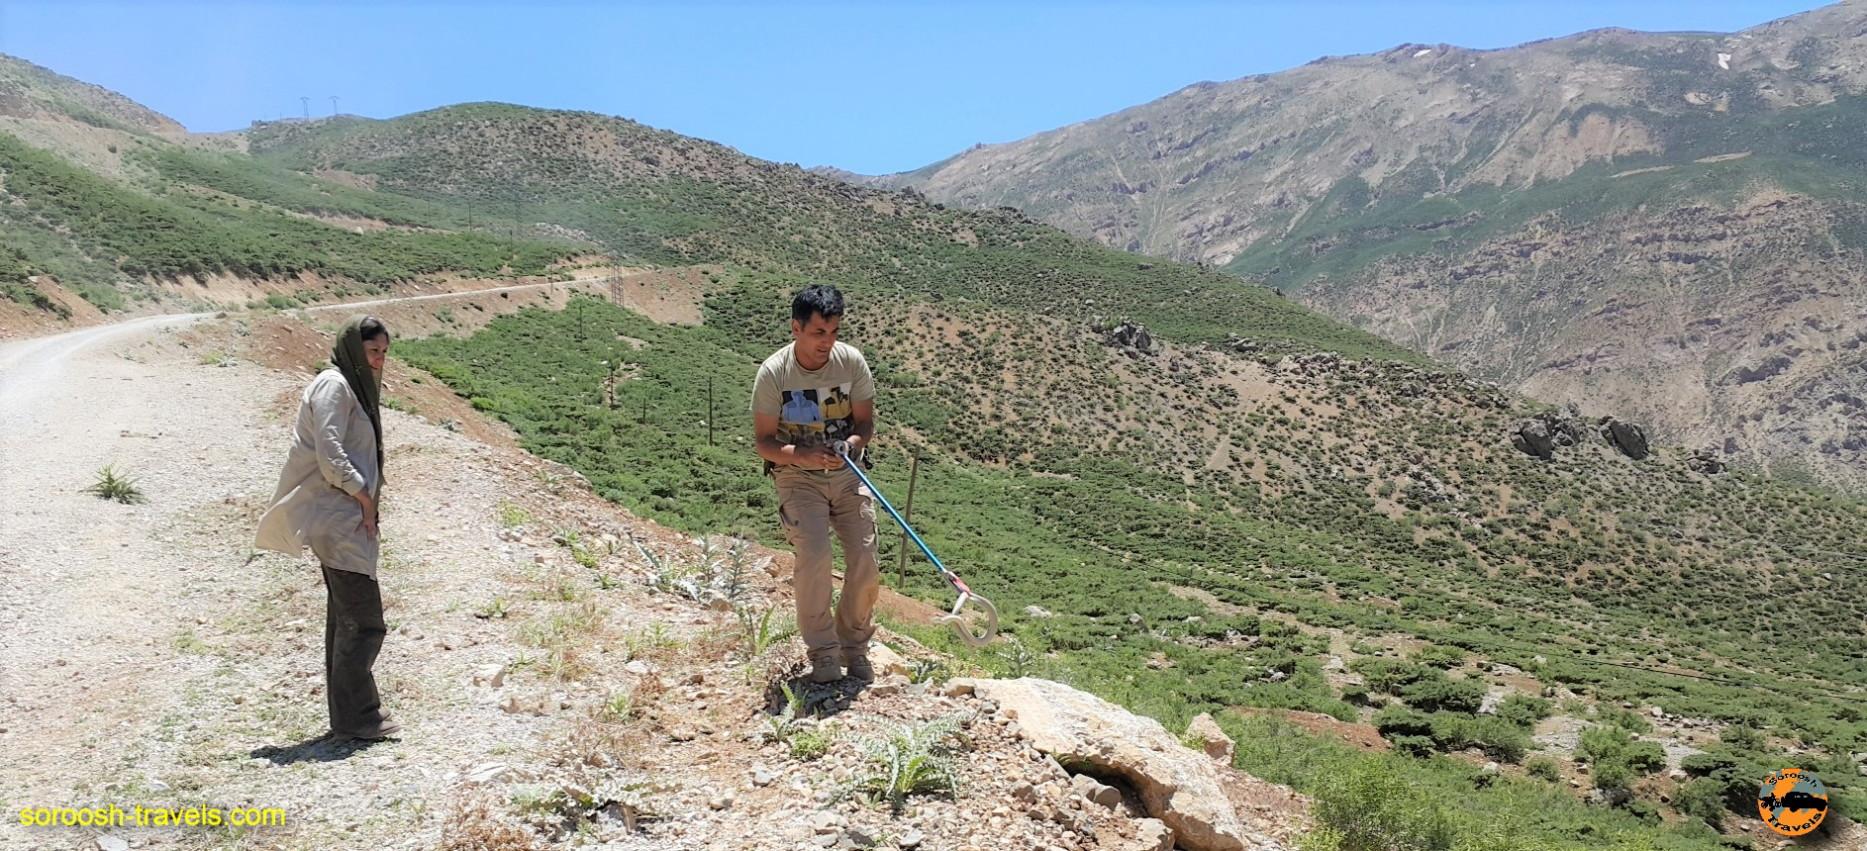 مار در دامنه های زردکوه بختیاری - خرداد ۱۳۹۶